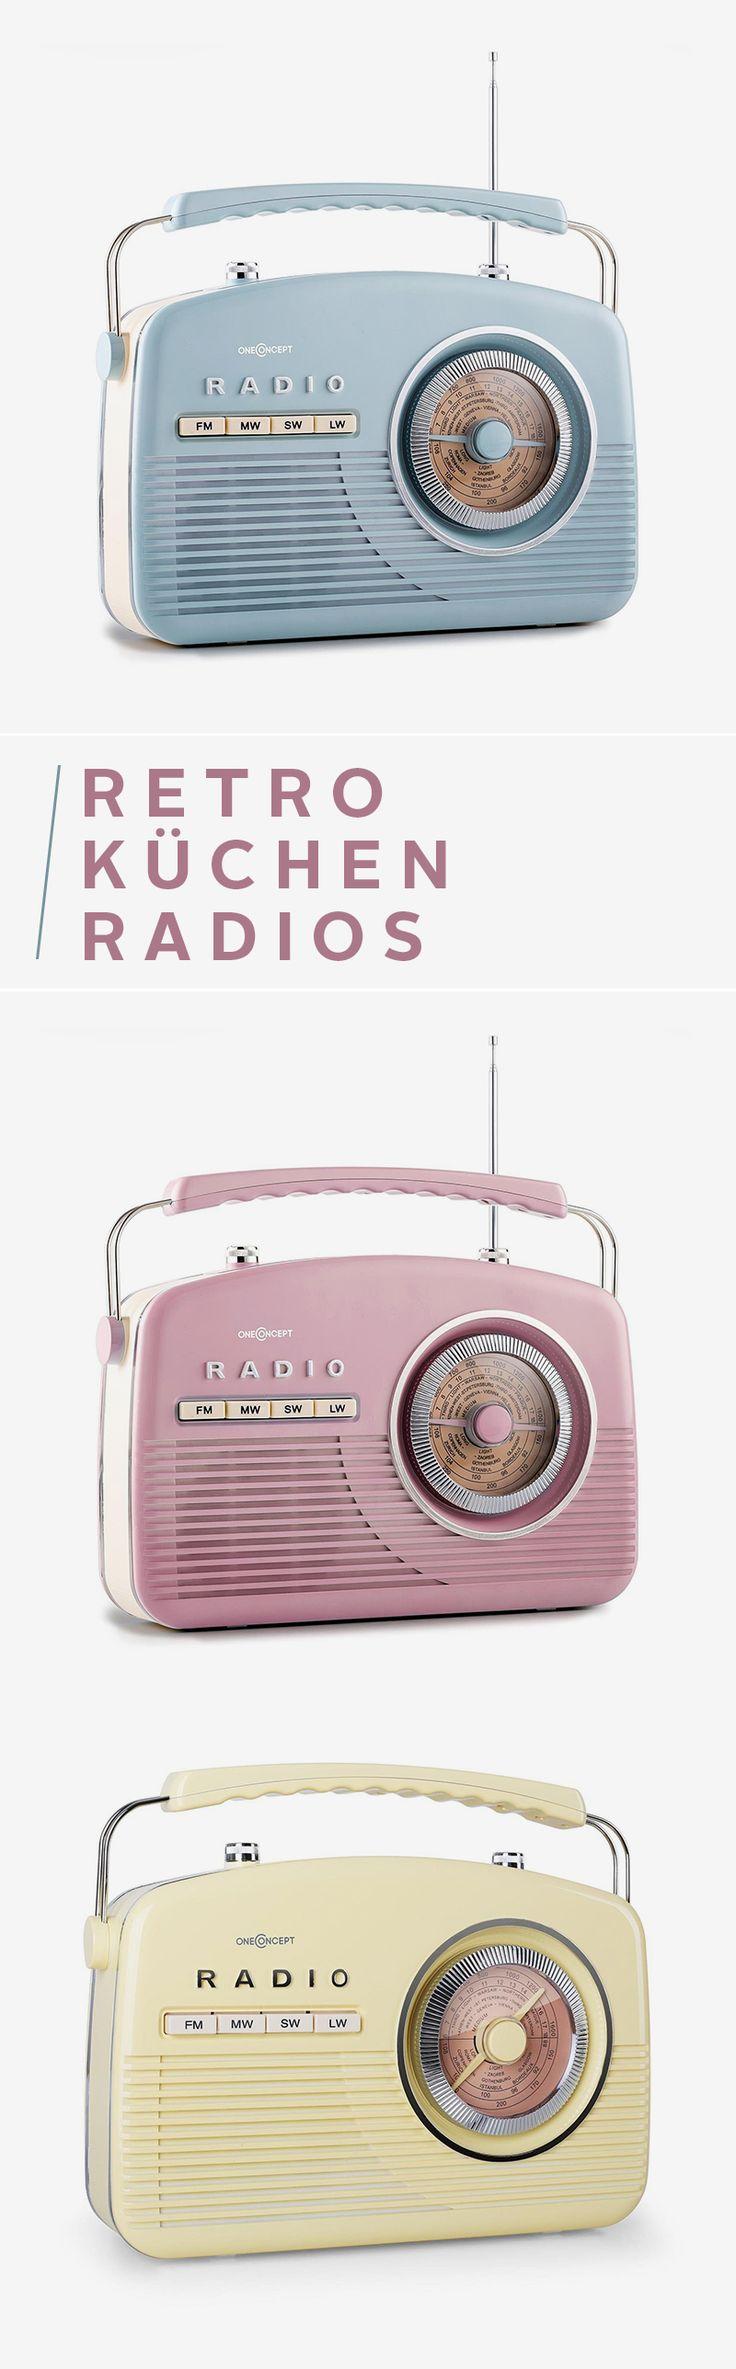 Ob aus dem wunderschönen UKW-Radio im 50's-Design nun Elvis Presley oder moderne Hits kommen, bleibt ganz dir überlassen. Aber mit dem coolen Retro-Look und vielen frischen Farben bringst du ein echtes Highlight in deine vier Wände – zum Beispiel in die Küche oder das Bad.